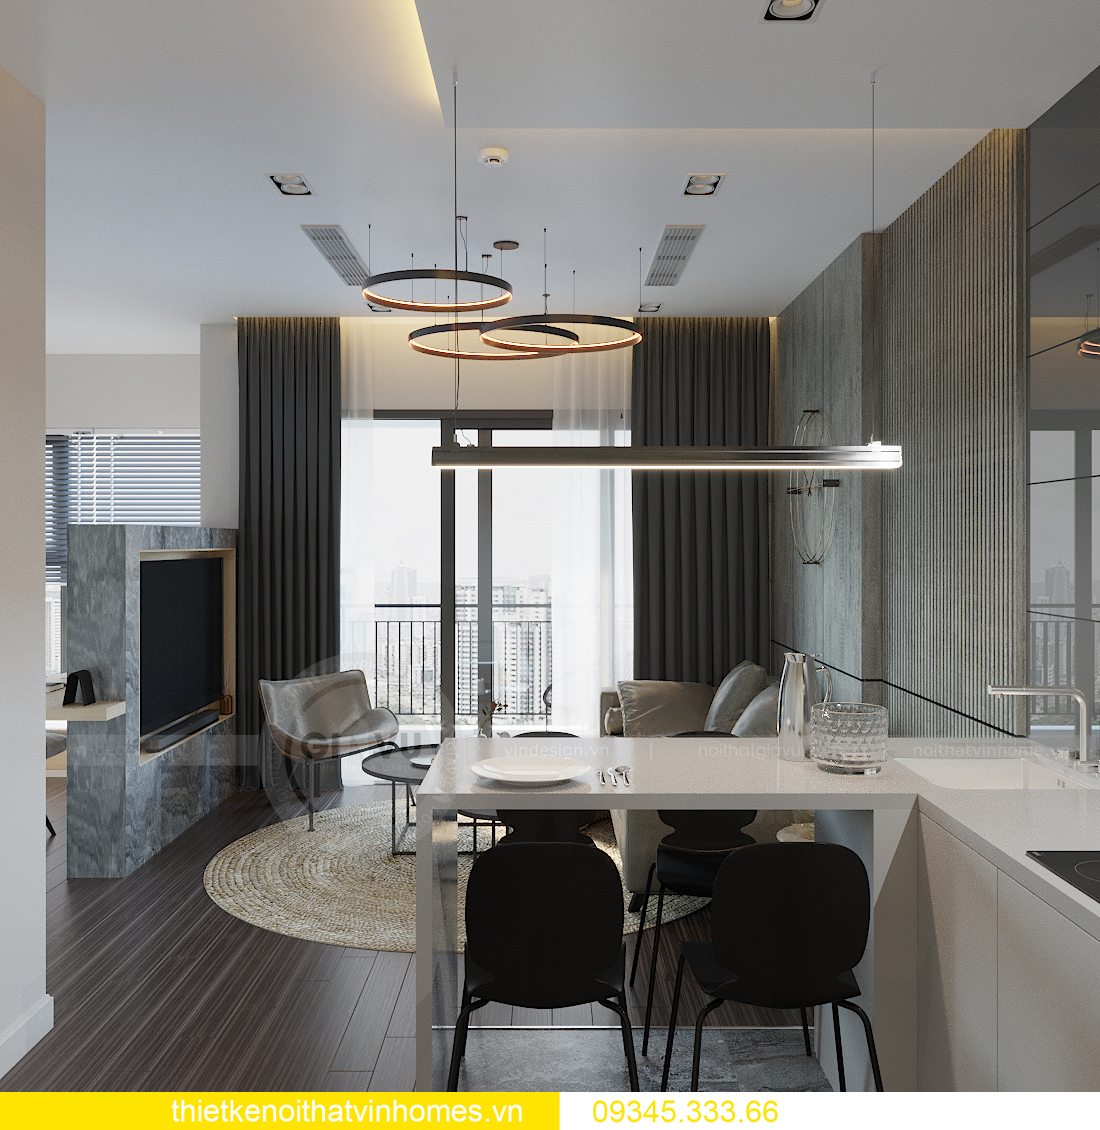 mẫu thiết kế nội thất căn hộ Smart City tòa S101 căn 11 2